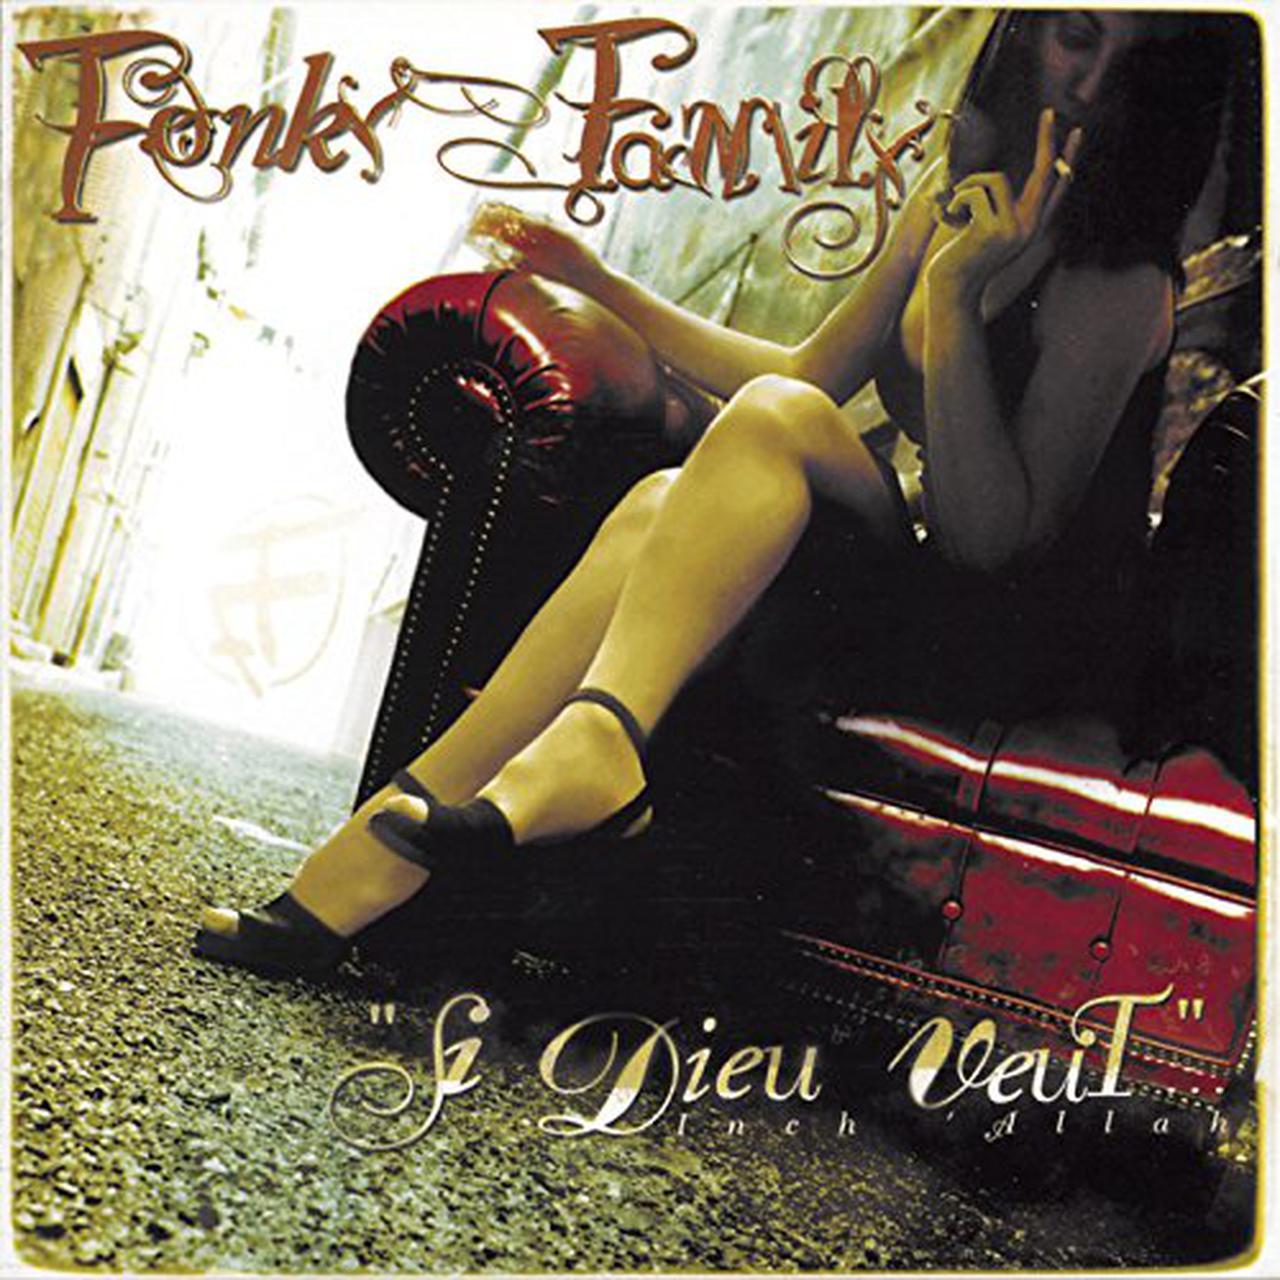 album fonky family si dieu veut